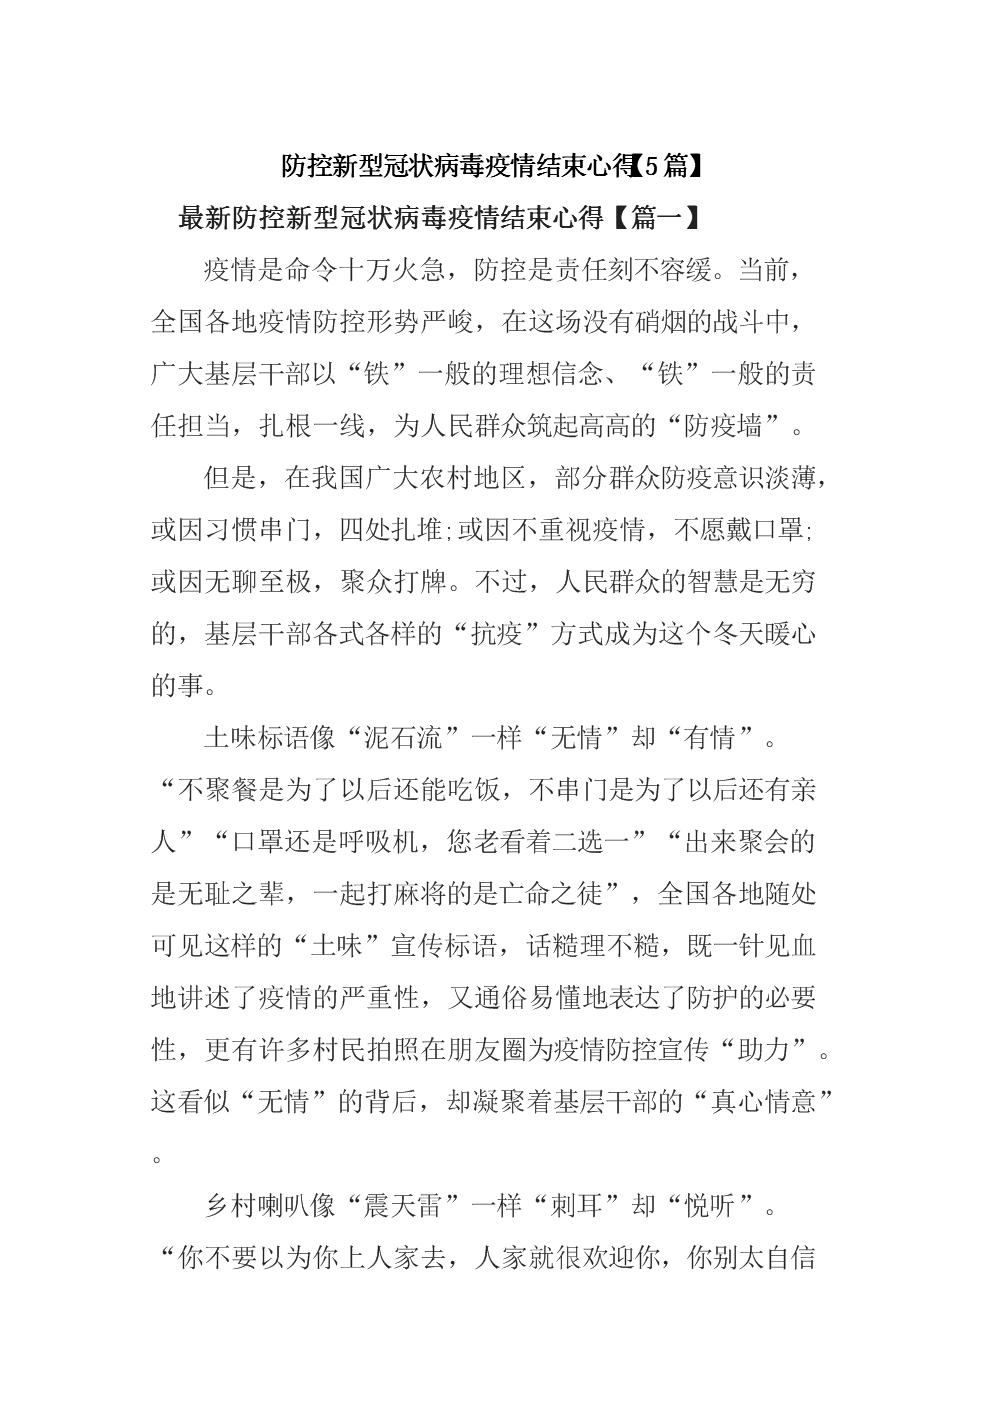 防控新型冠状病毒疫情结束心得【5篇】.docx